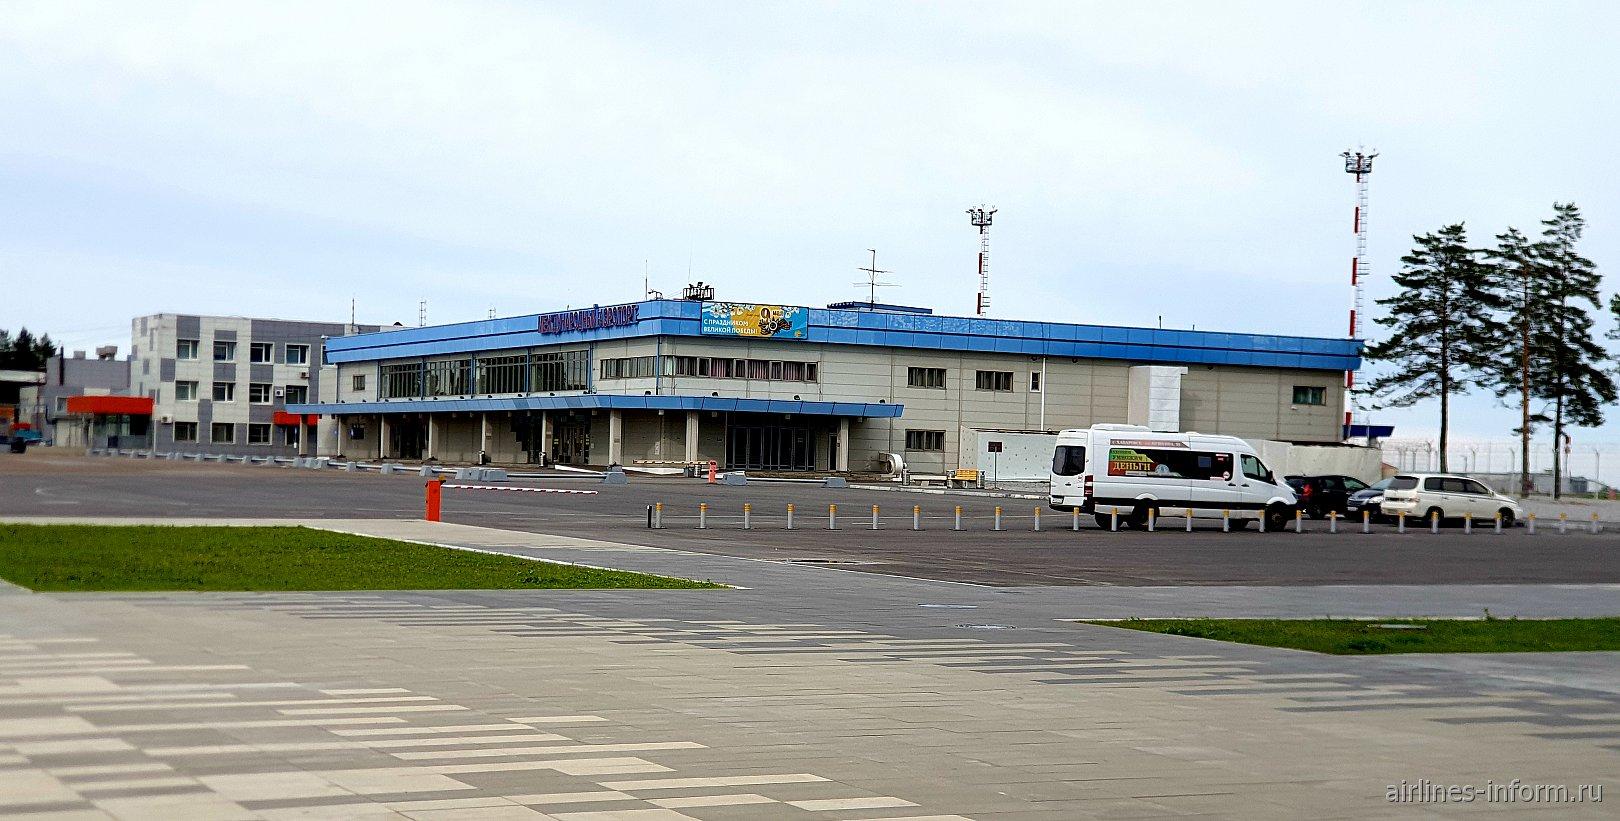 Терминал международных вылетов аэропорта Хабаровск Новый